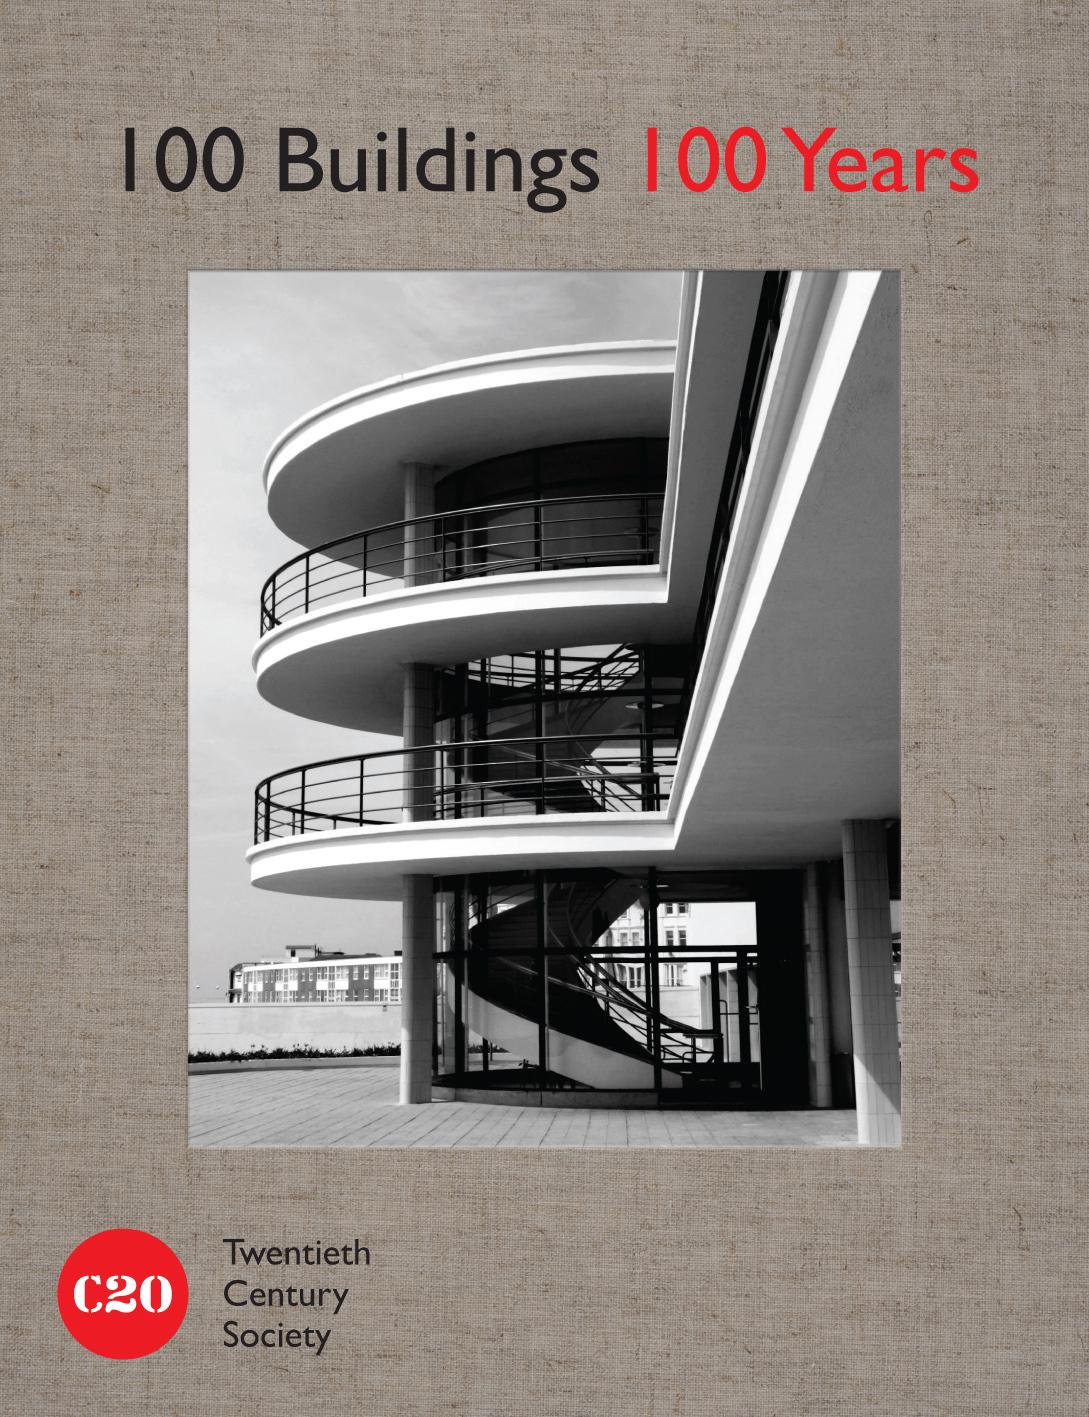 100 Buildings, 100 Years